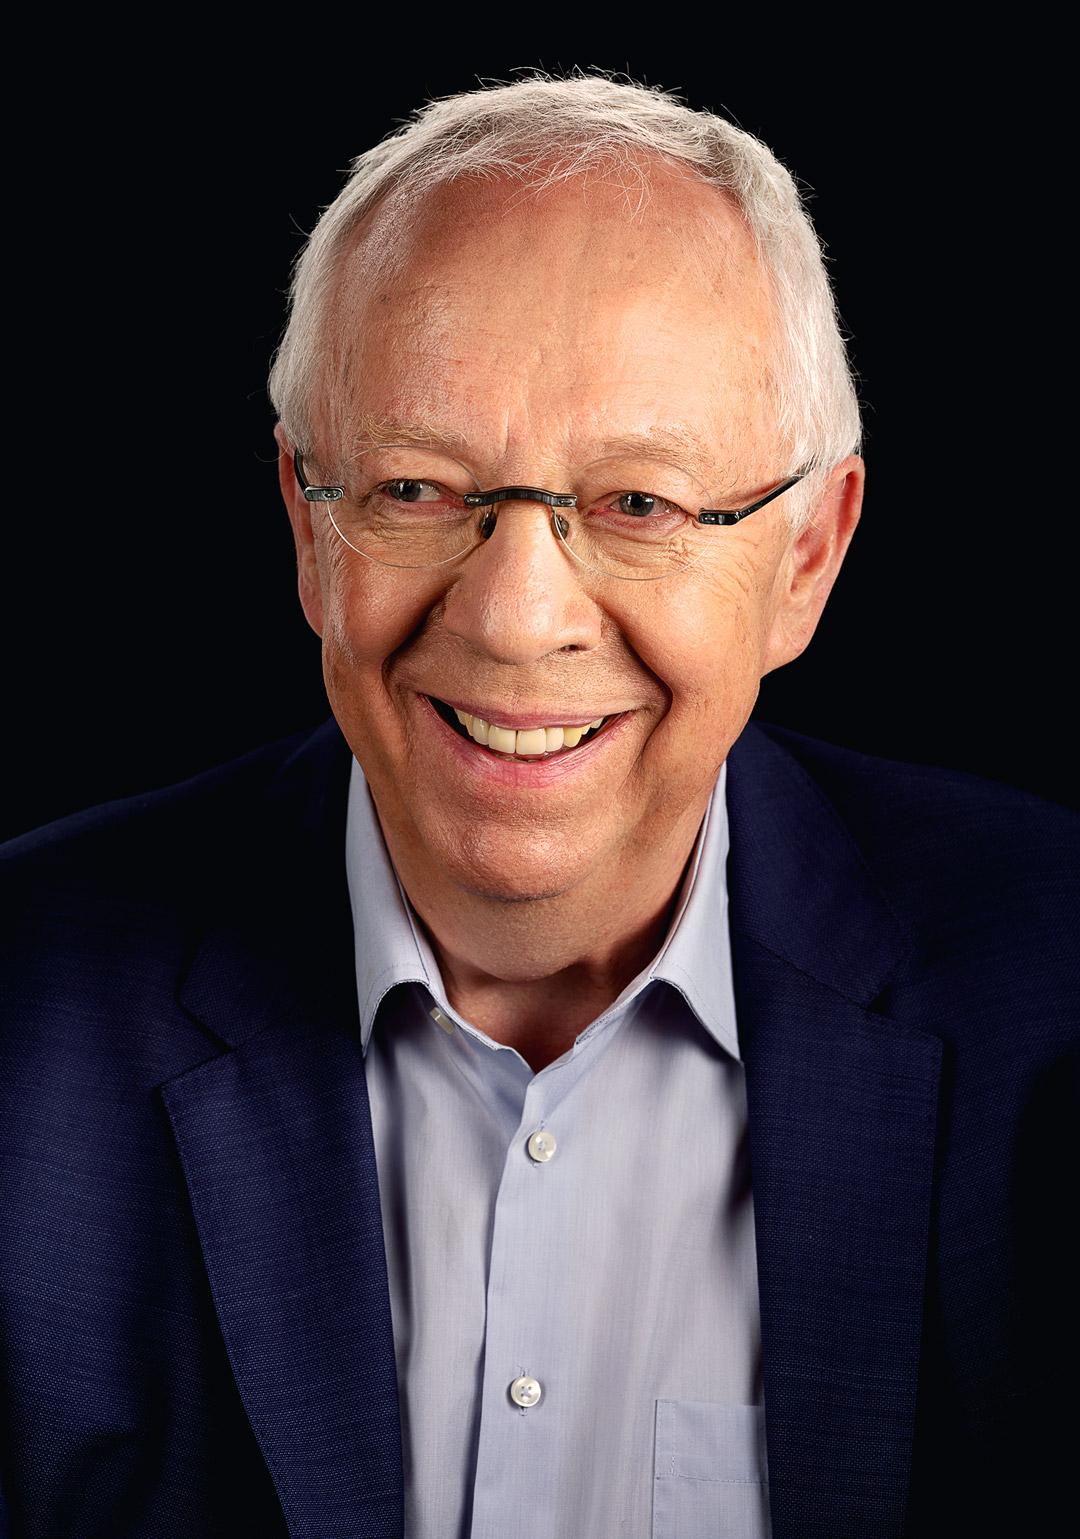 Hans Jürgen Börner Moderation